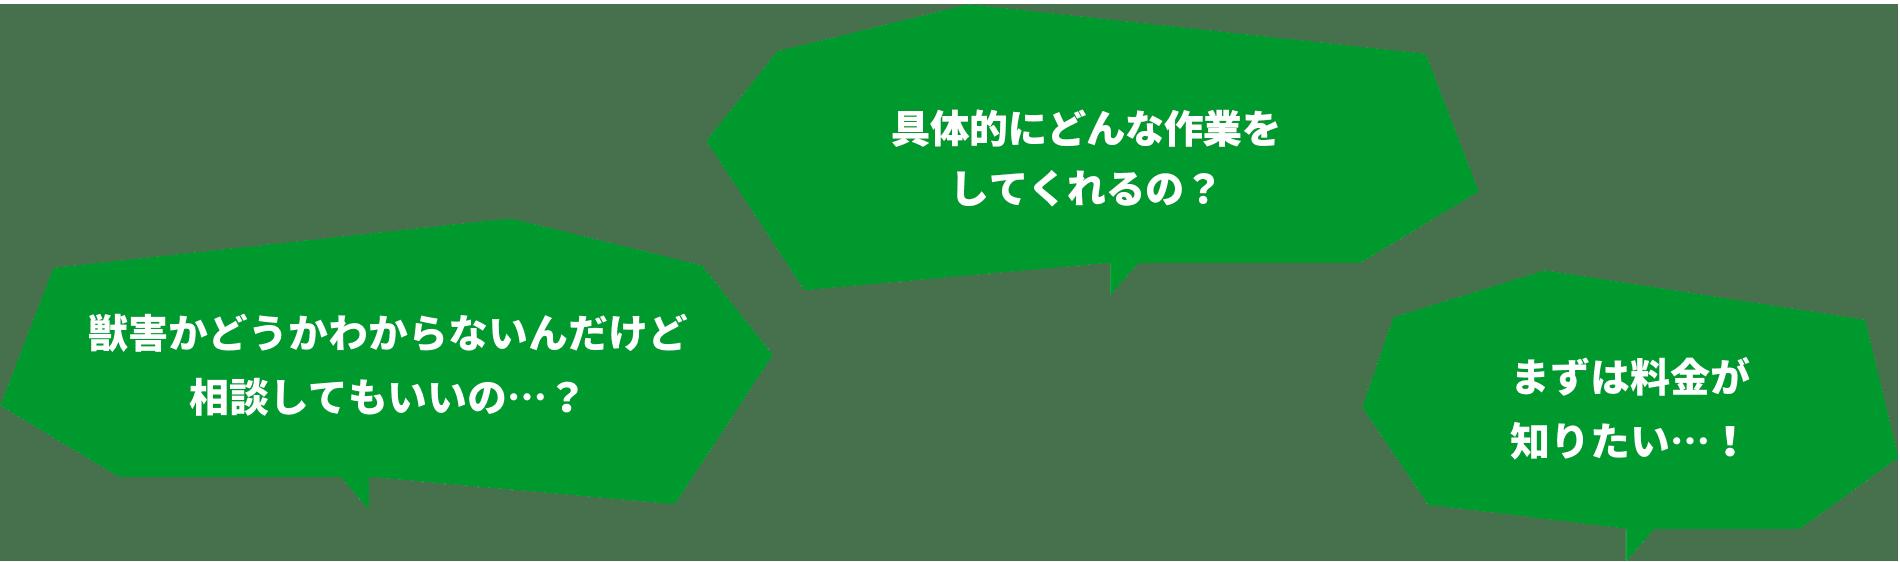 獣害かどうかわからないんだけど相談してもいいの…?大阪府内ならどこでも来てくれるの?まずは料金が知りたい…!